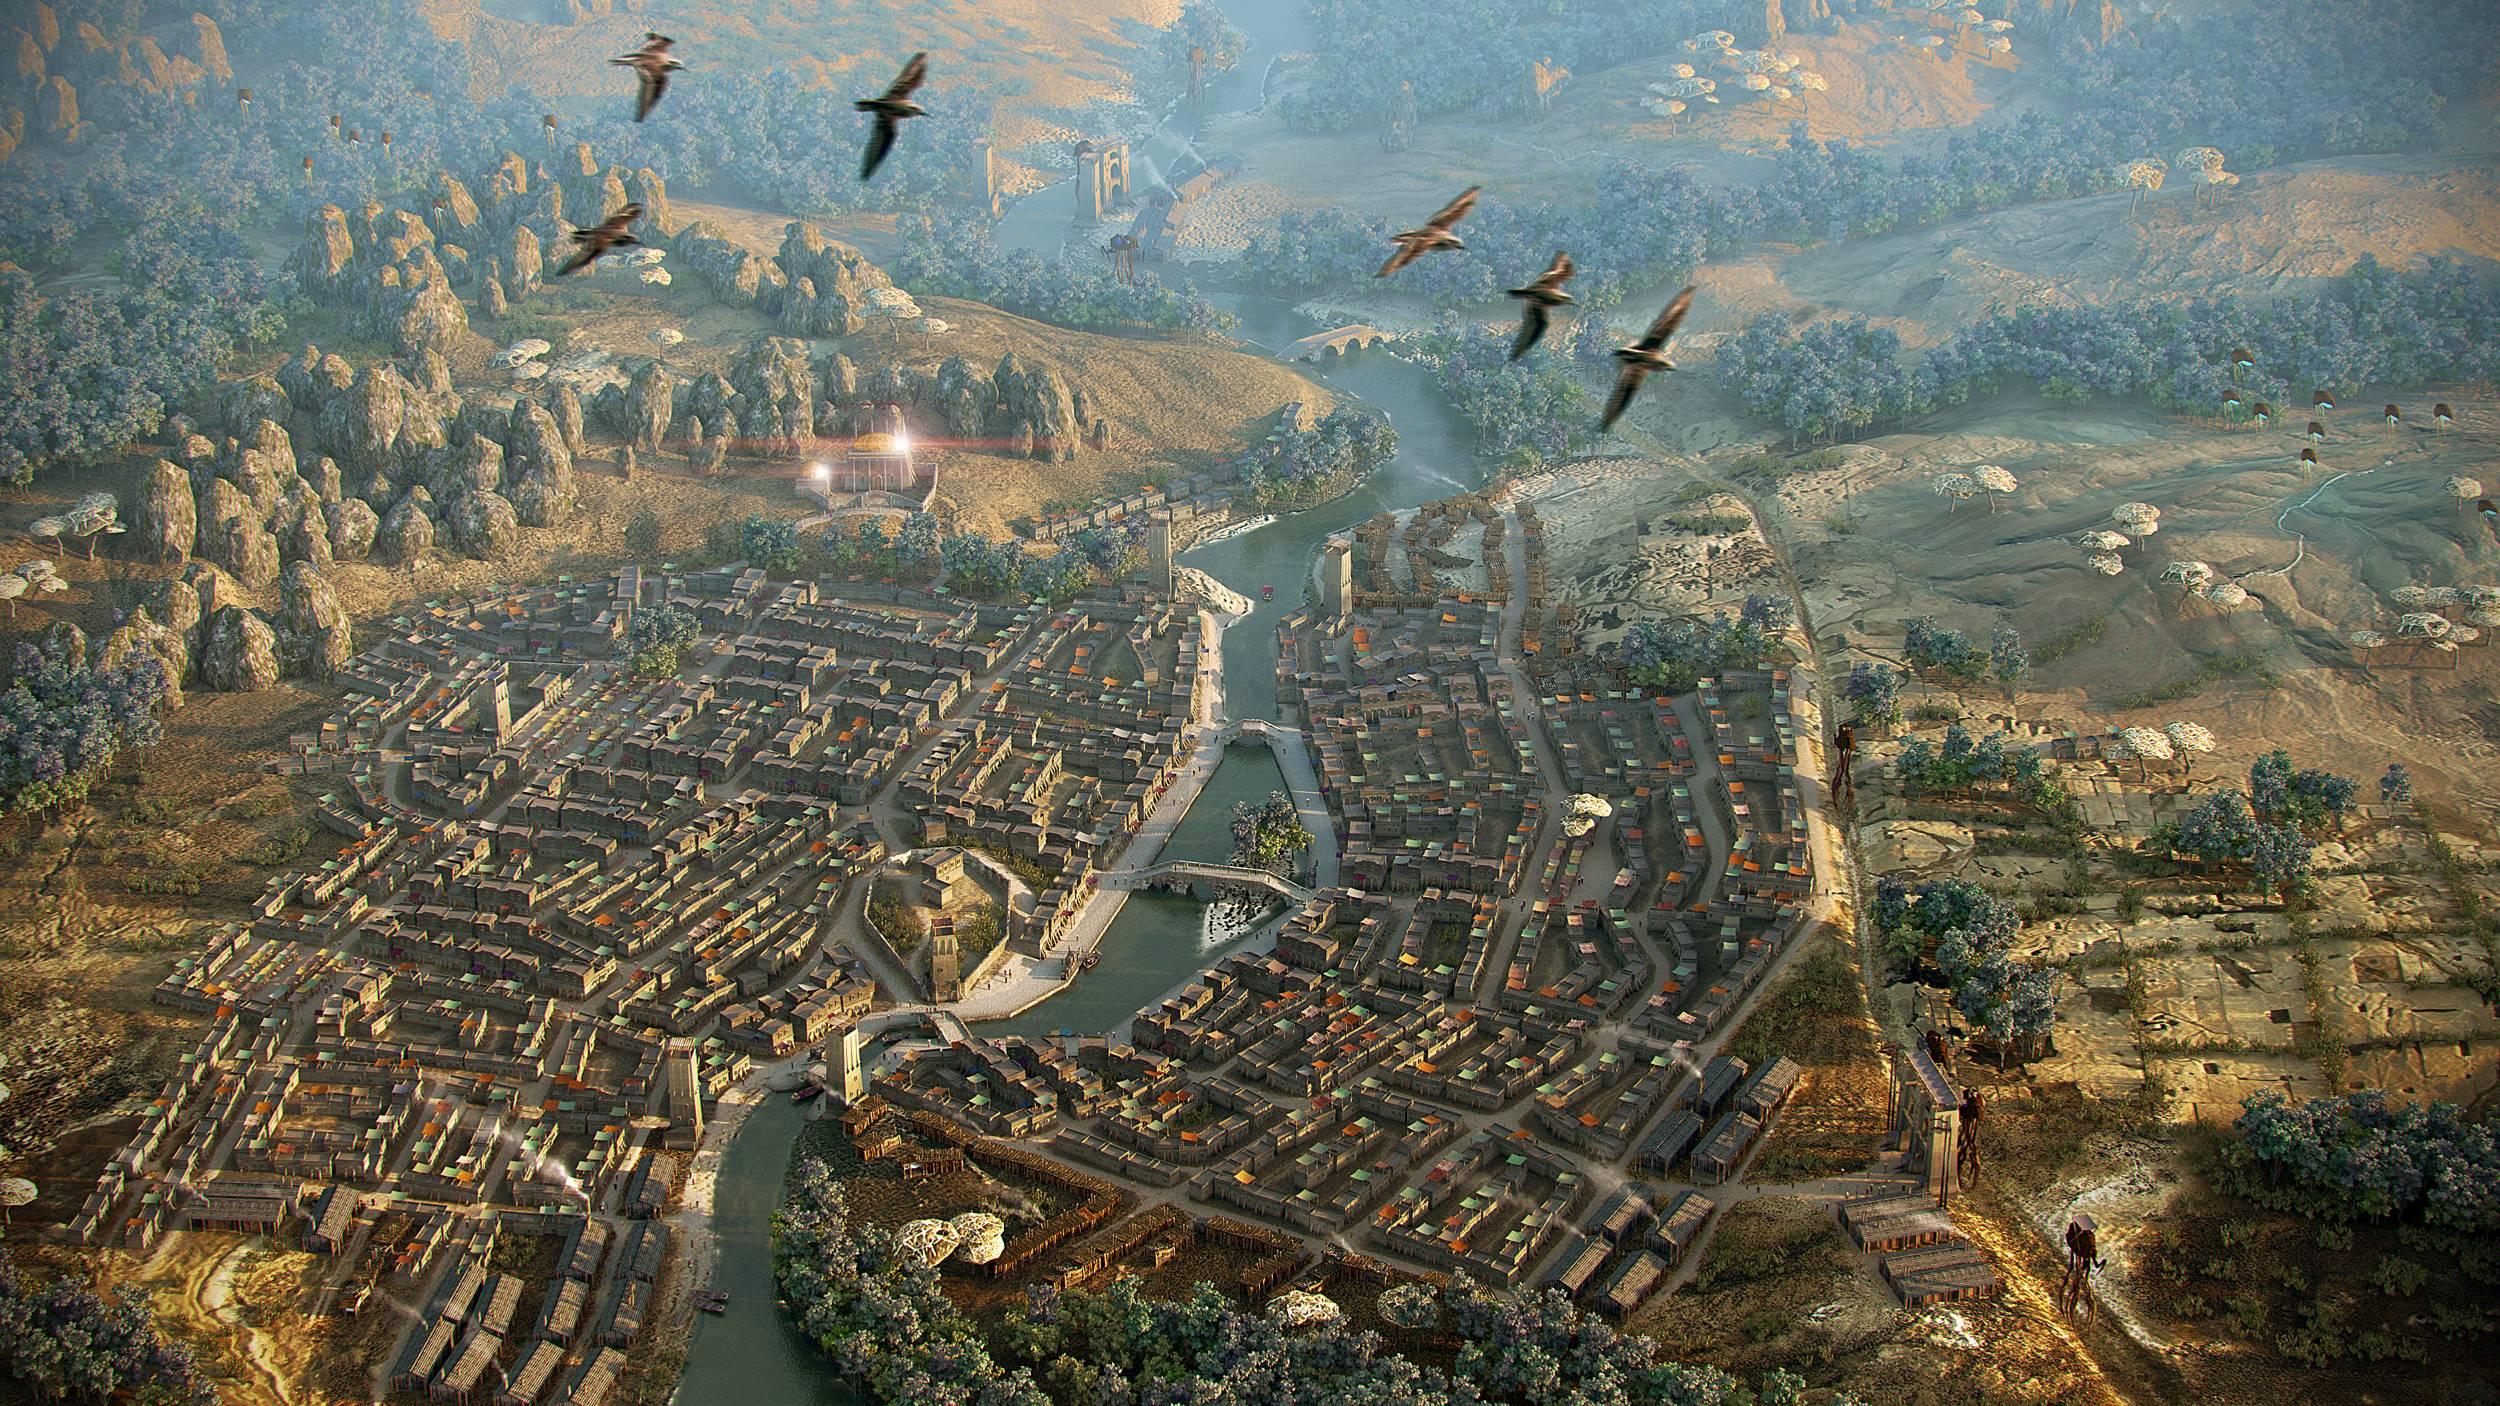 The Elder Scrolls III Morrowind Wallpaper 1